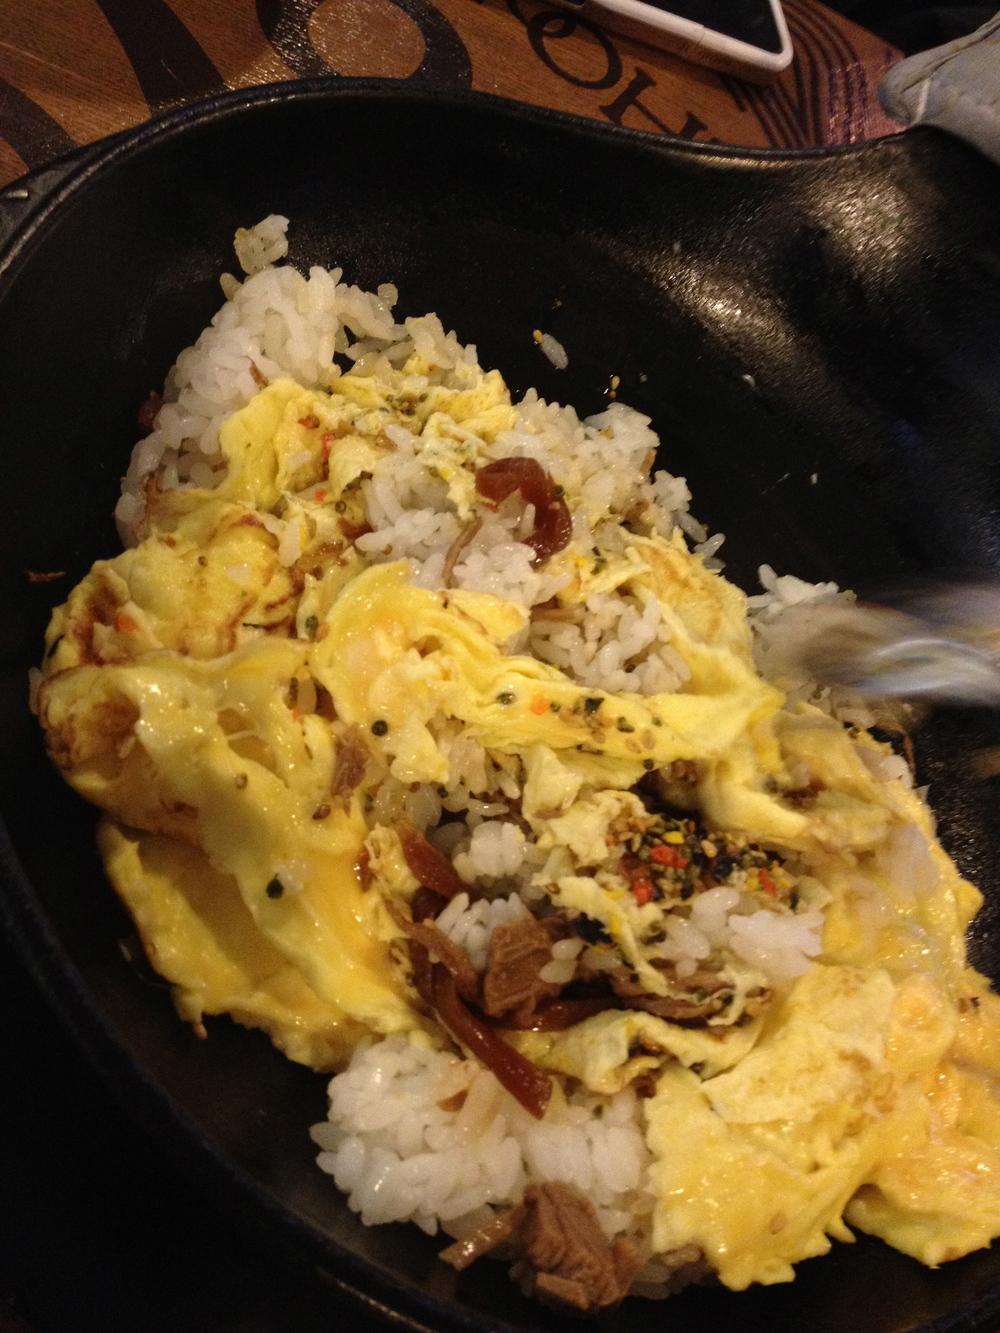 철판장조림버터비빔밥 II(ChulPan JangJoRim Butter Bibimbap) You mixed it all up...